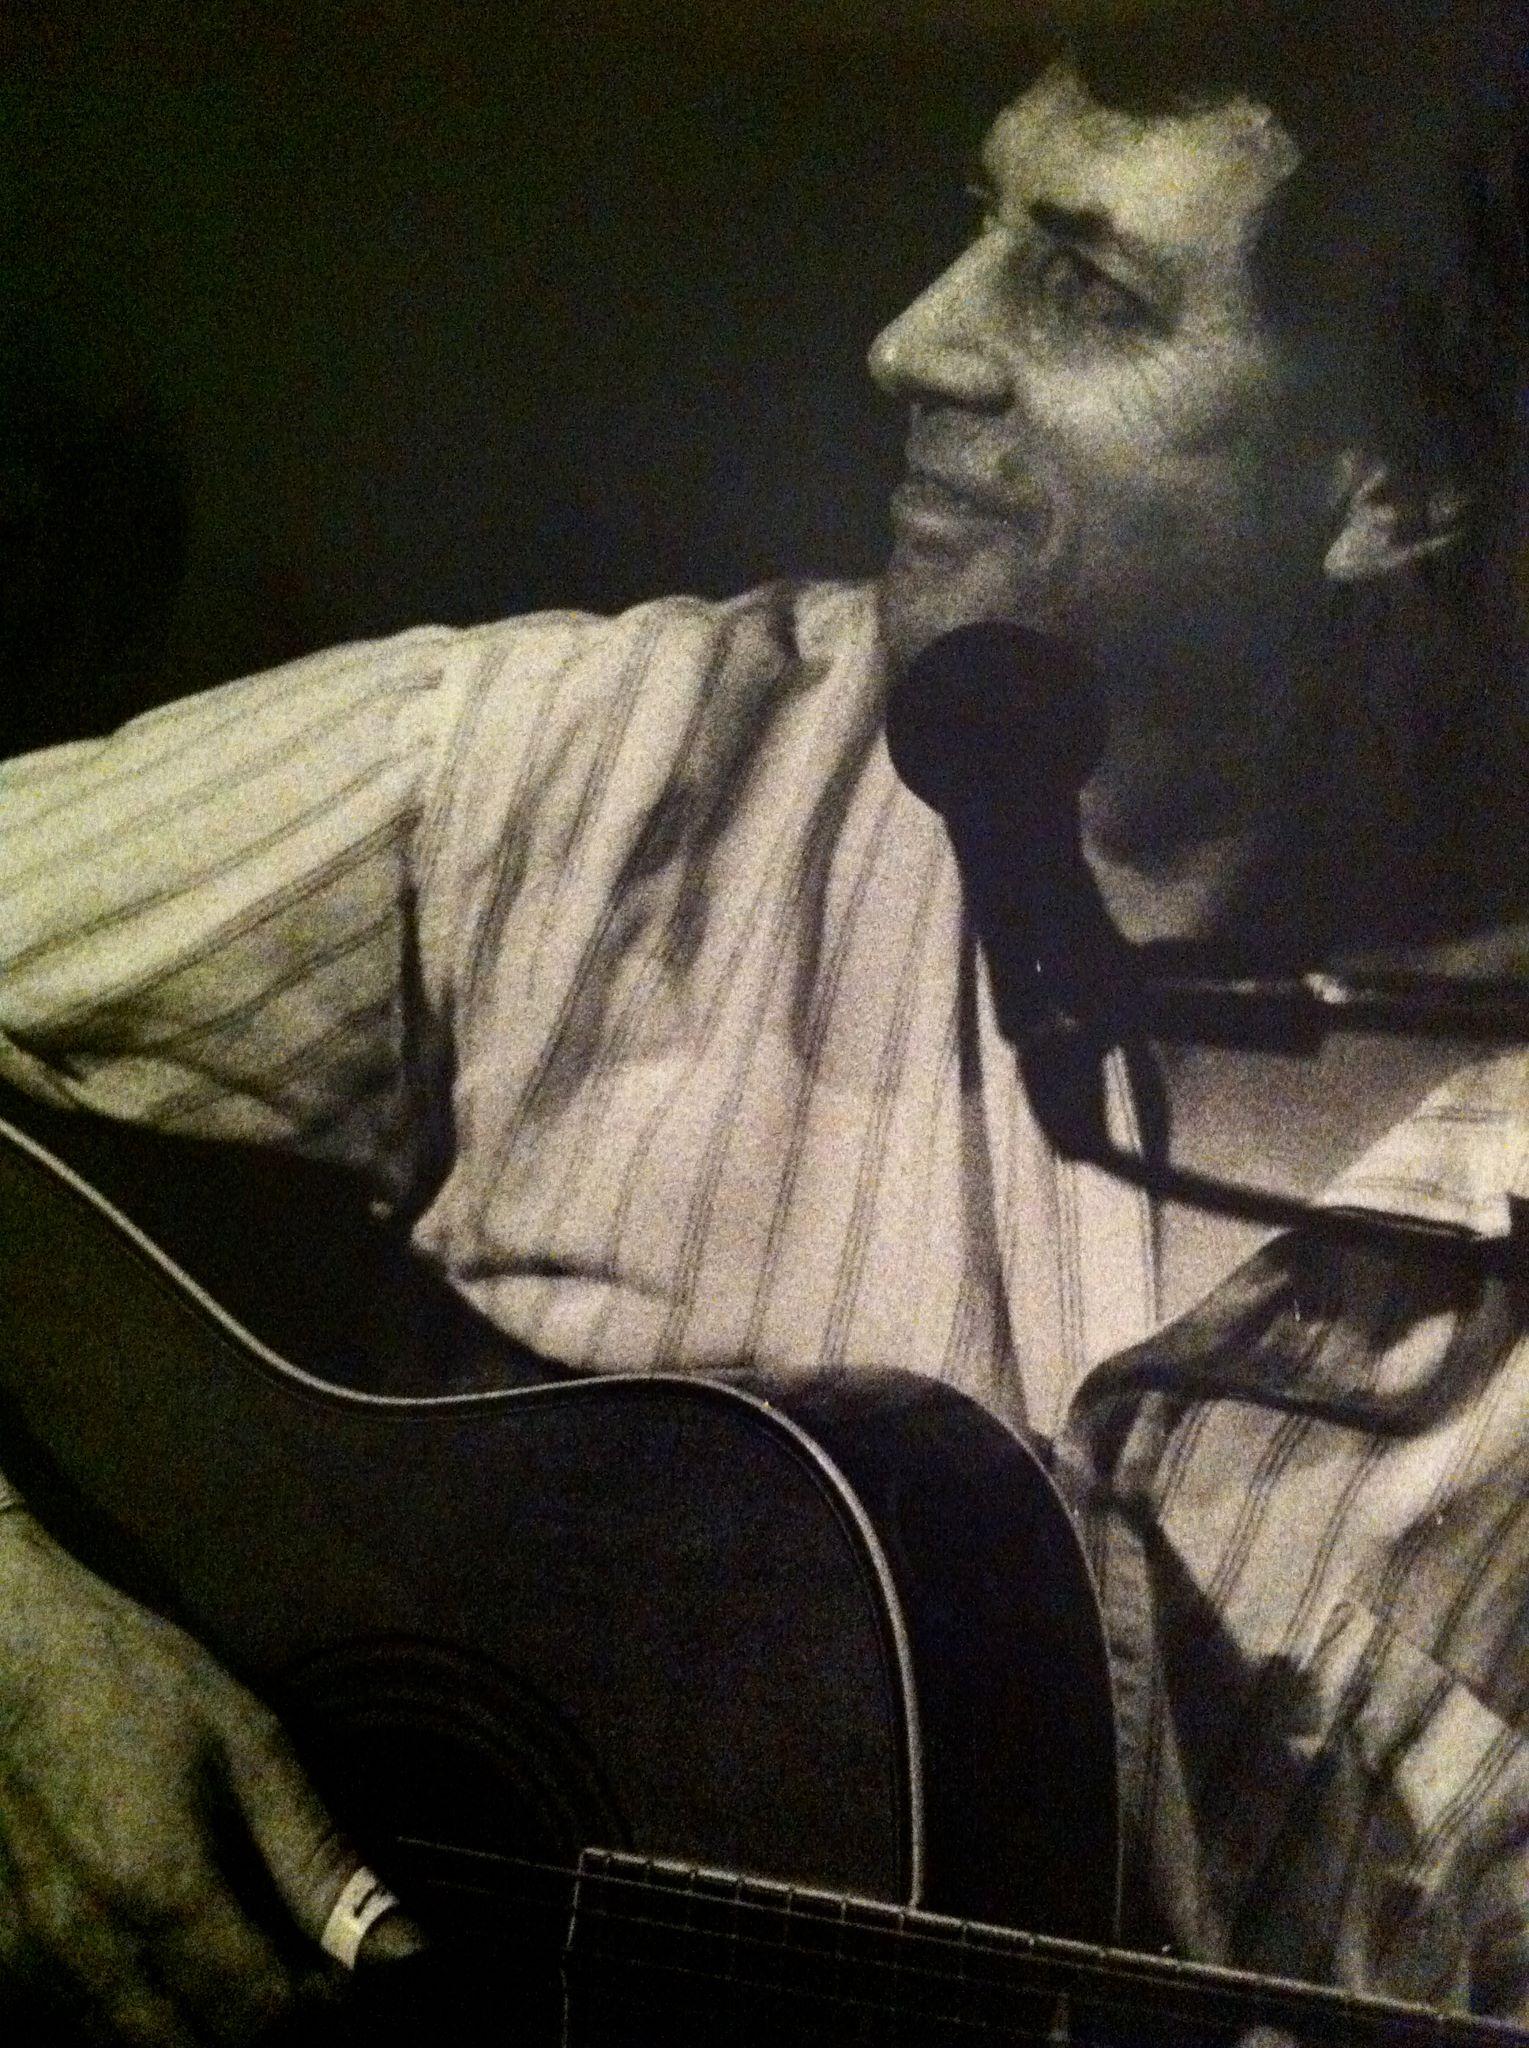 Bert Jansch holding a guitar